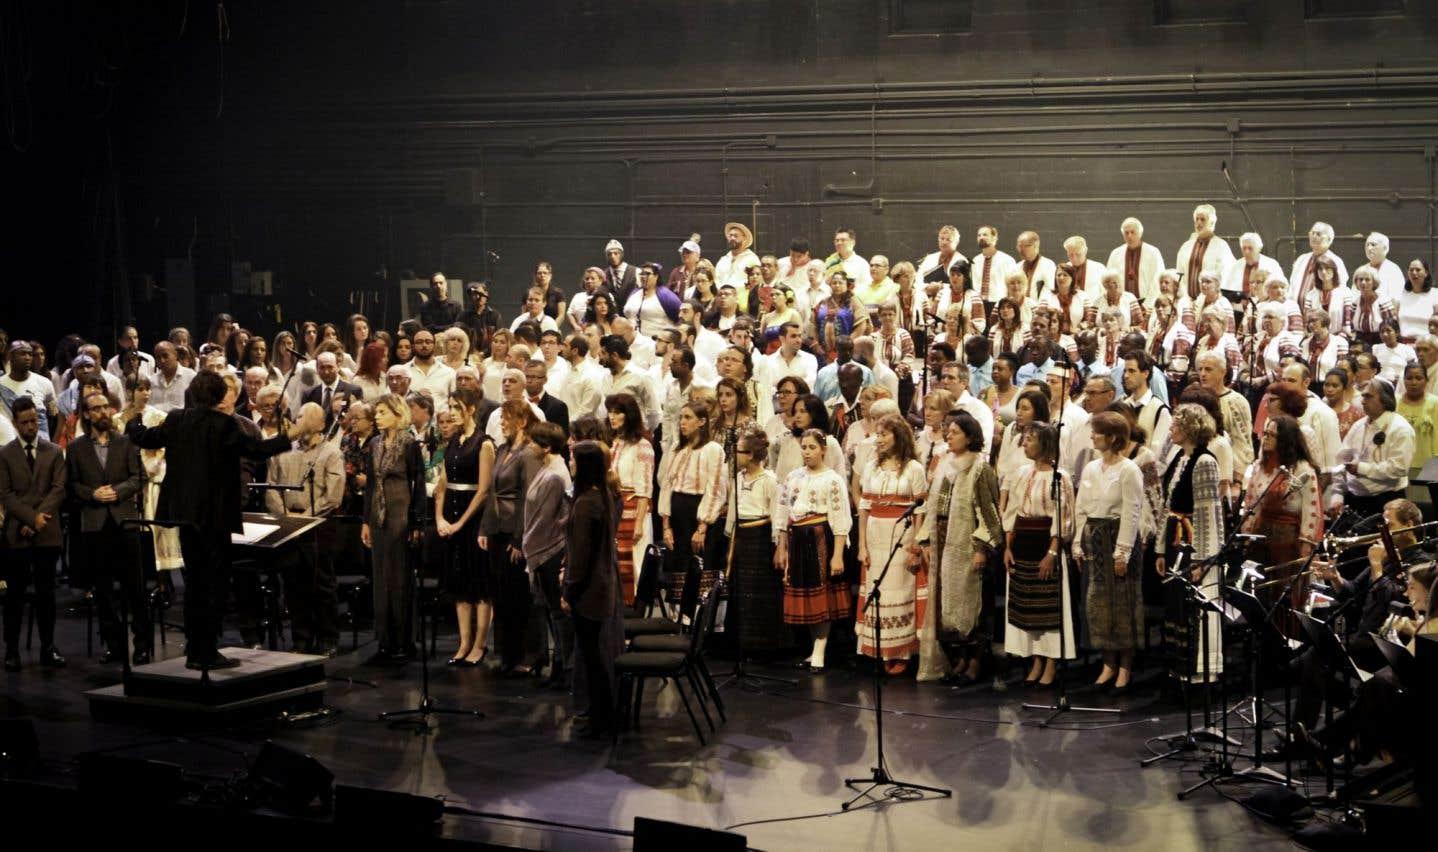 «Souffles – 10 chœurs pour un chant à créer» a été présenté l'an dernier à la salle Wilfrid-Pelletier de la Place des Arts lors des Journées de la culture.